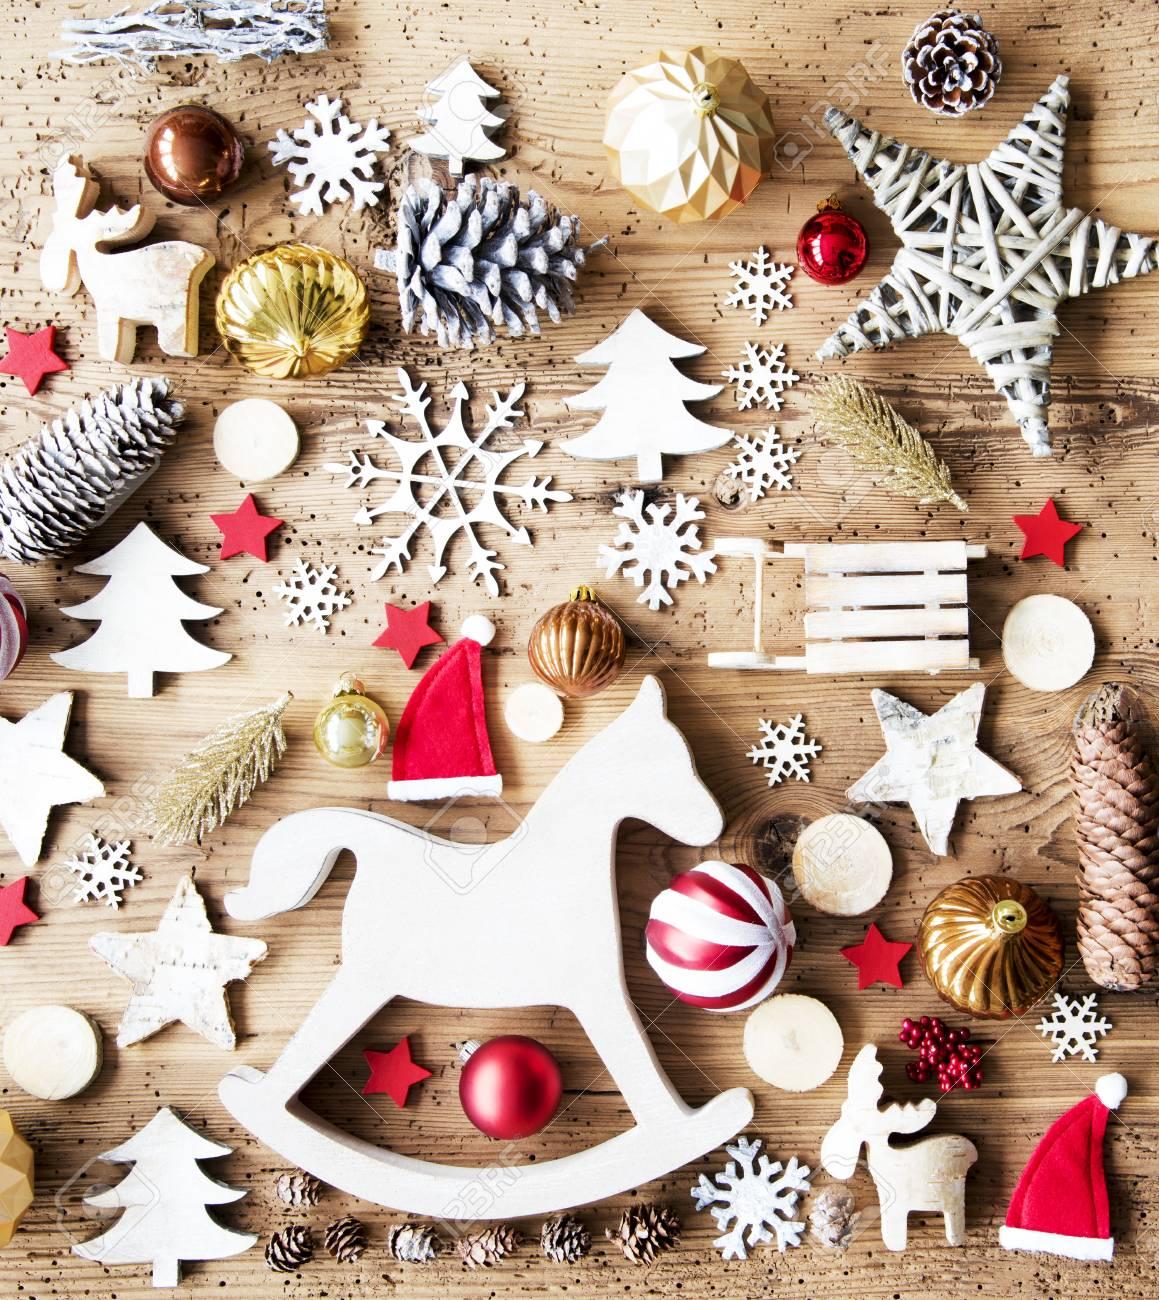 Immagini Di Natale Con Cavalli.Disposizione Piana Di Natale Con La Decorazione Priorita Bassa Rustica Cavallo A Dondolo